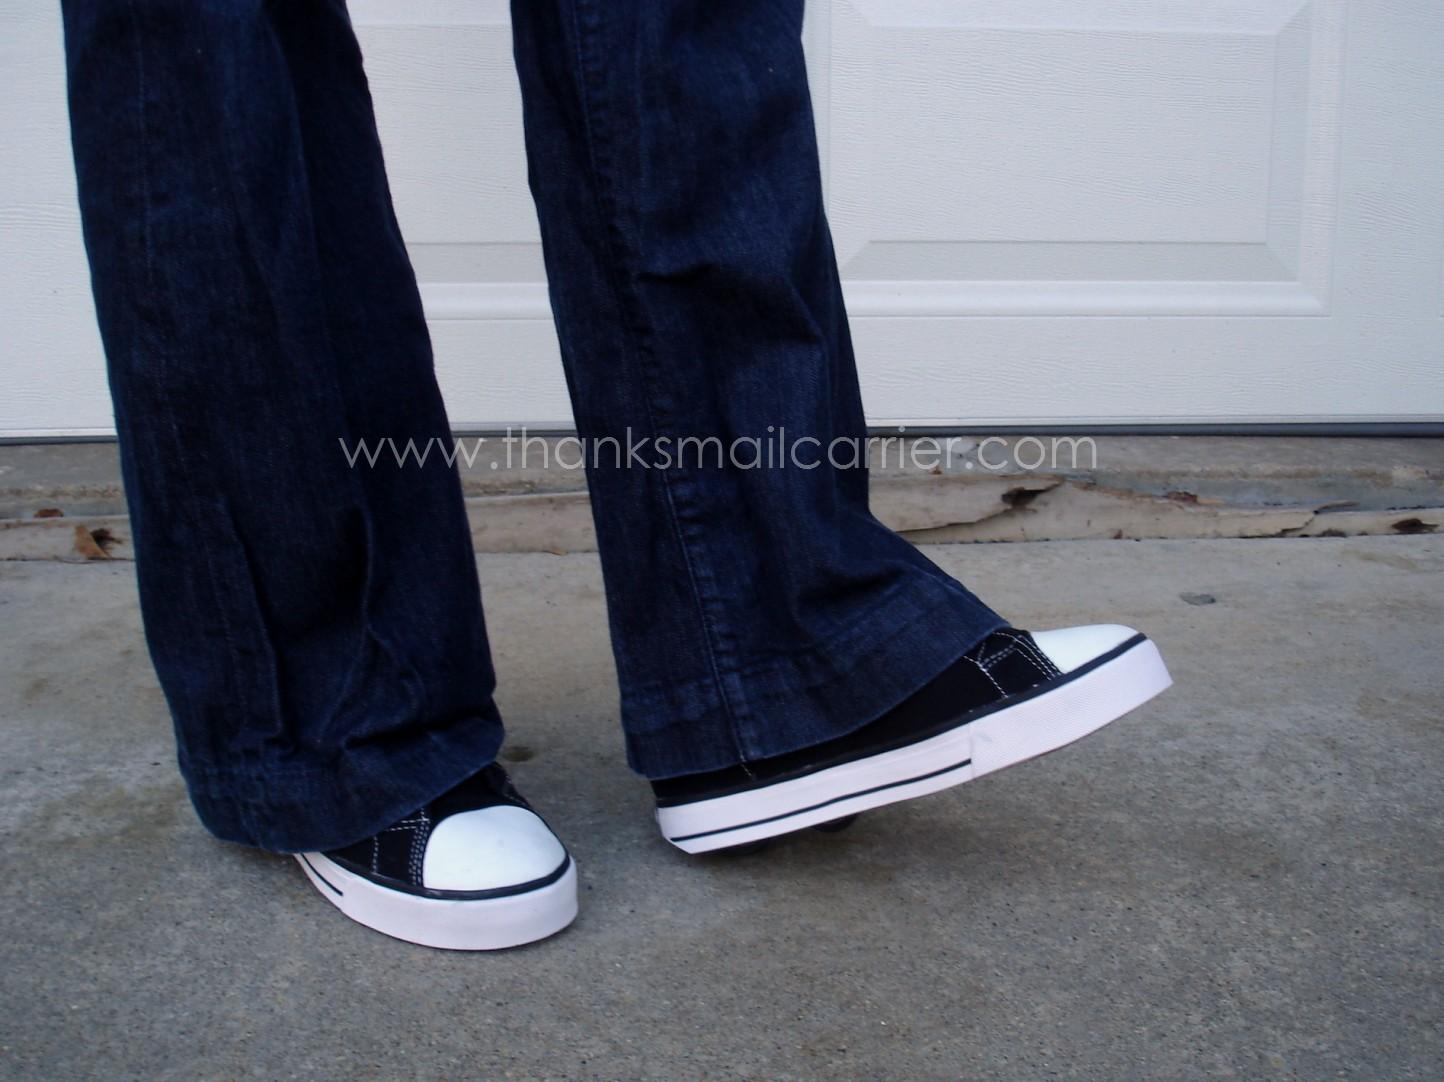 Heely skate shoes reviews - Heelys Review